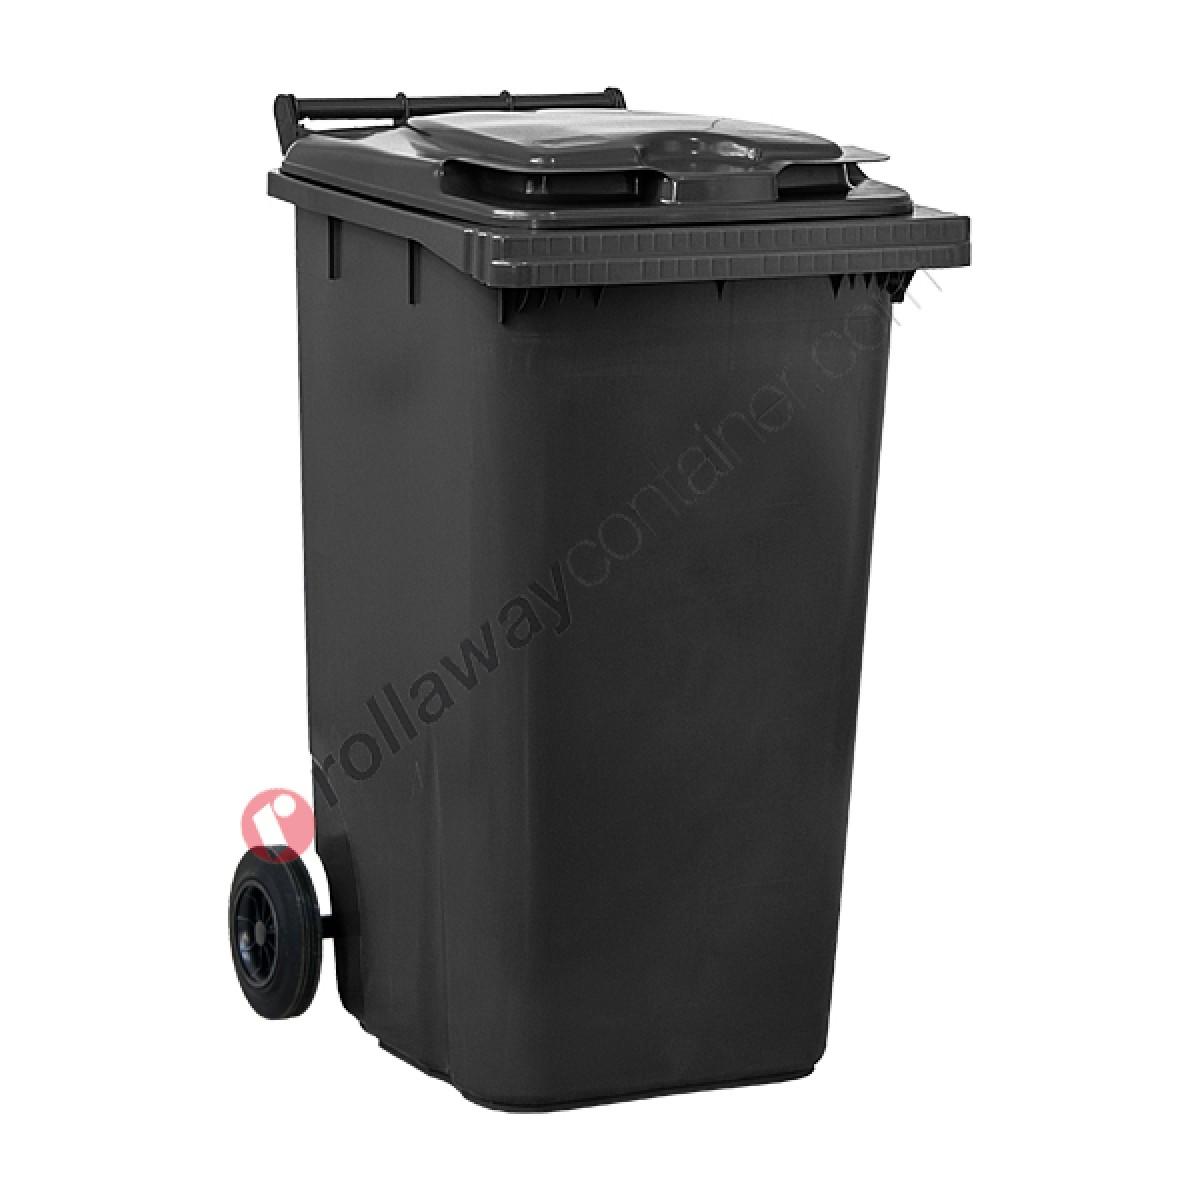 Box Per Bidoni Spazzatura bidoni raccolta differenziata spazzatura e immondizia da 240 litri con 2  ruote